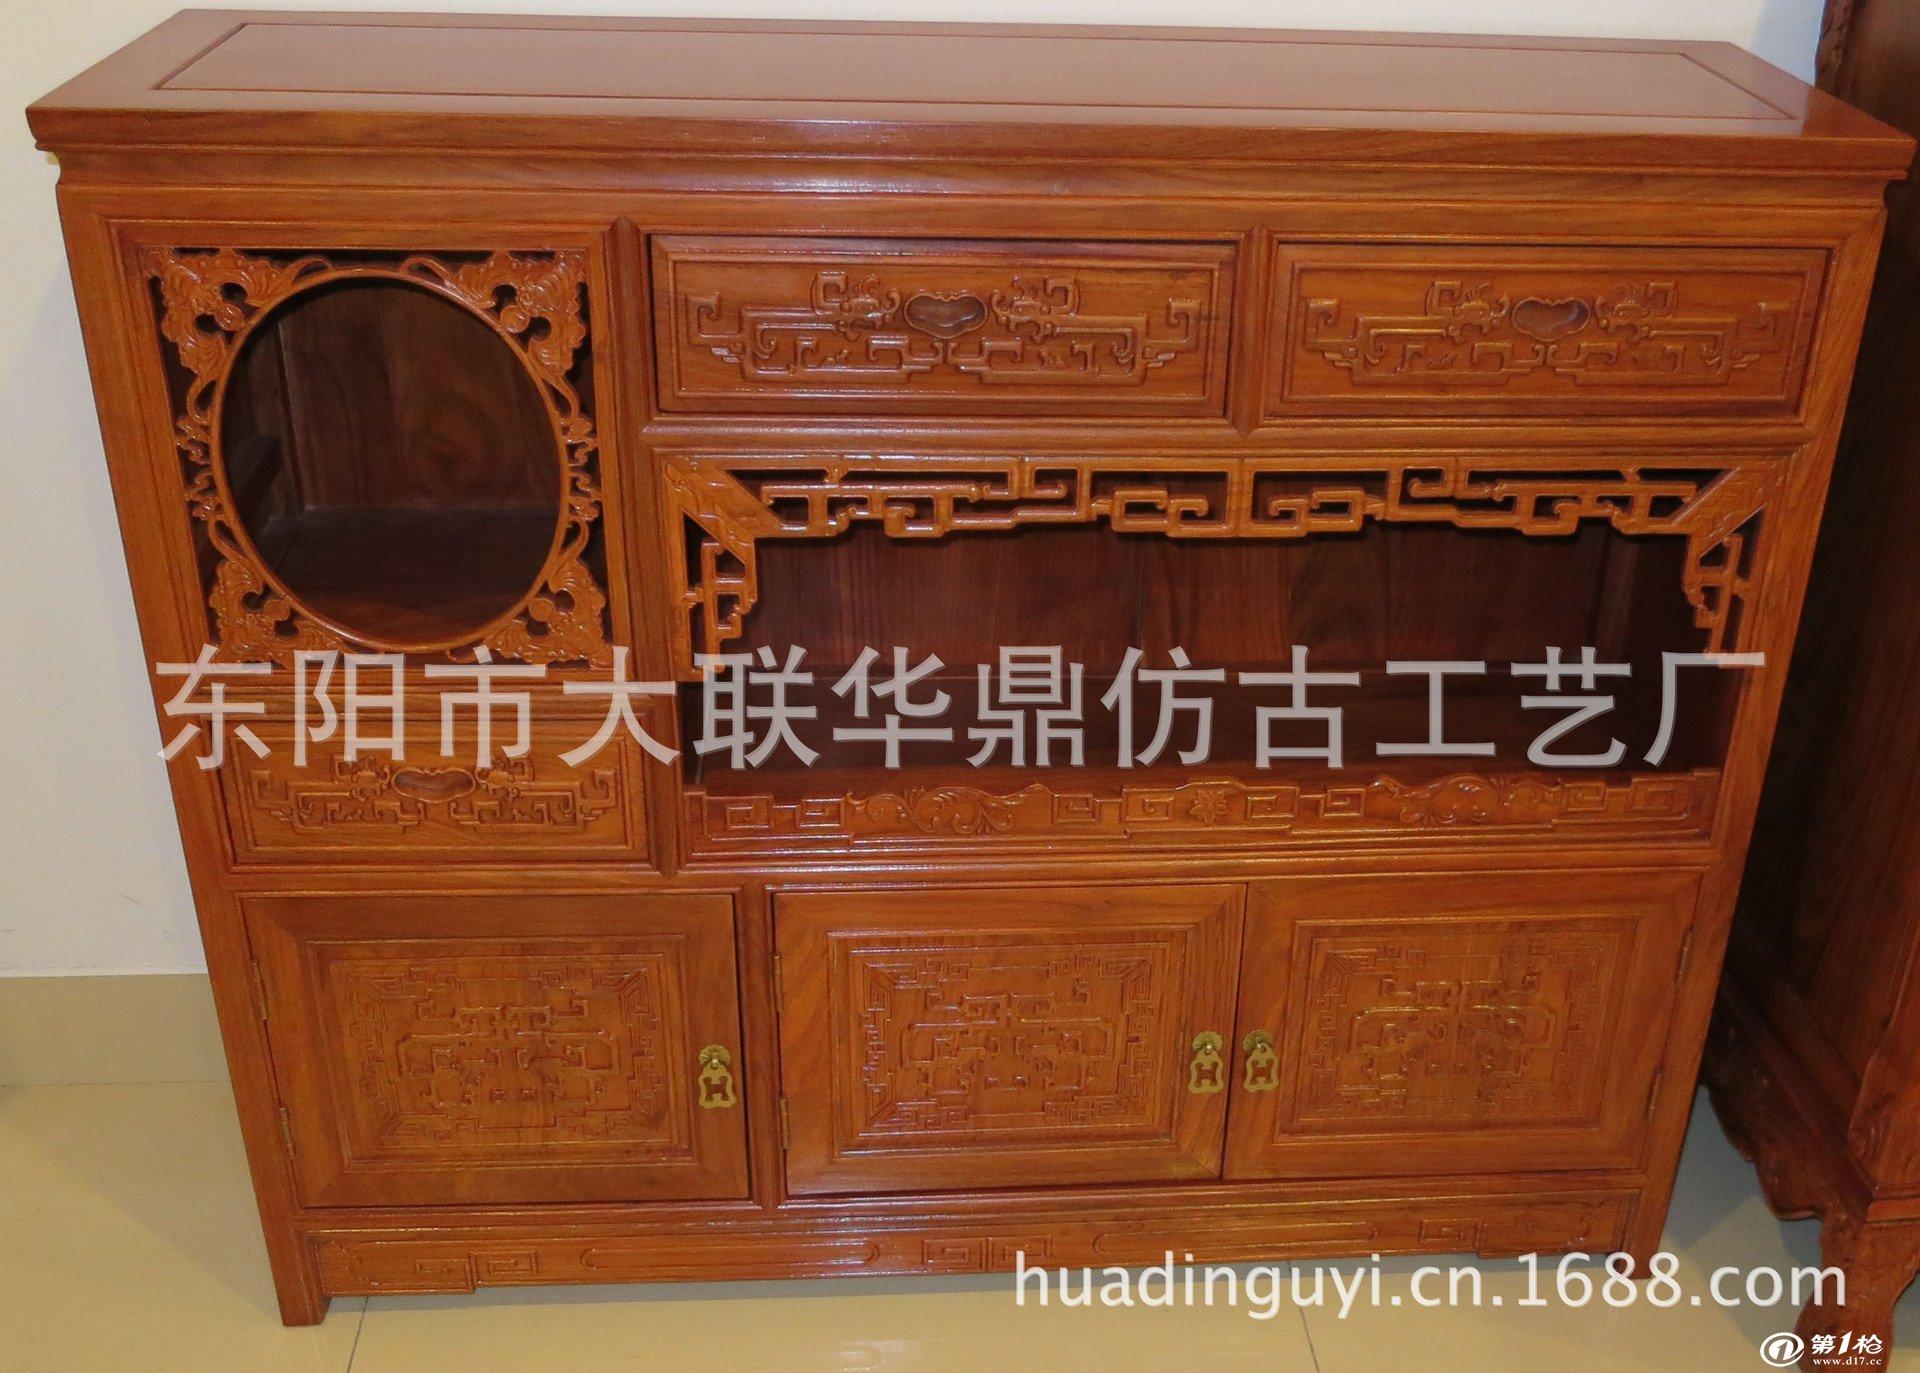 厂家直销 东阳木雕 红木家具 明式祥云五斗柜 非洲花梨实木家具